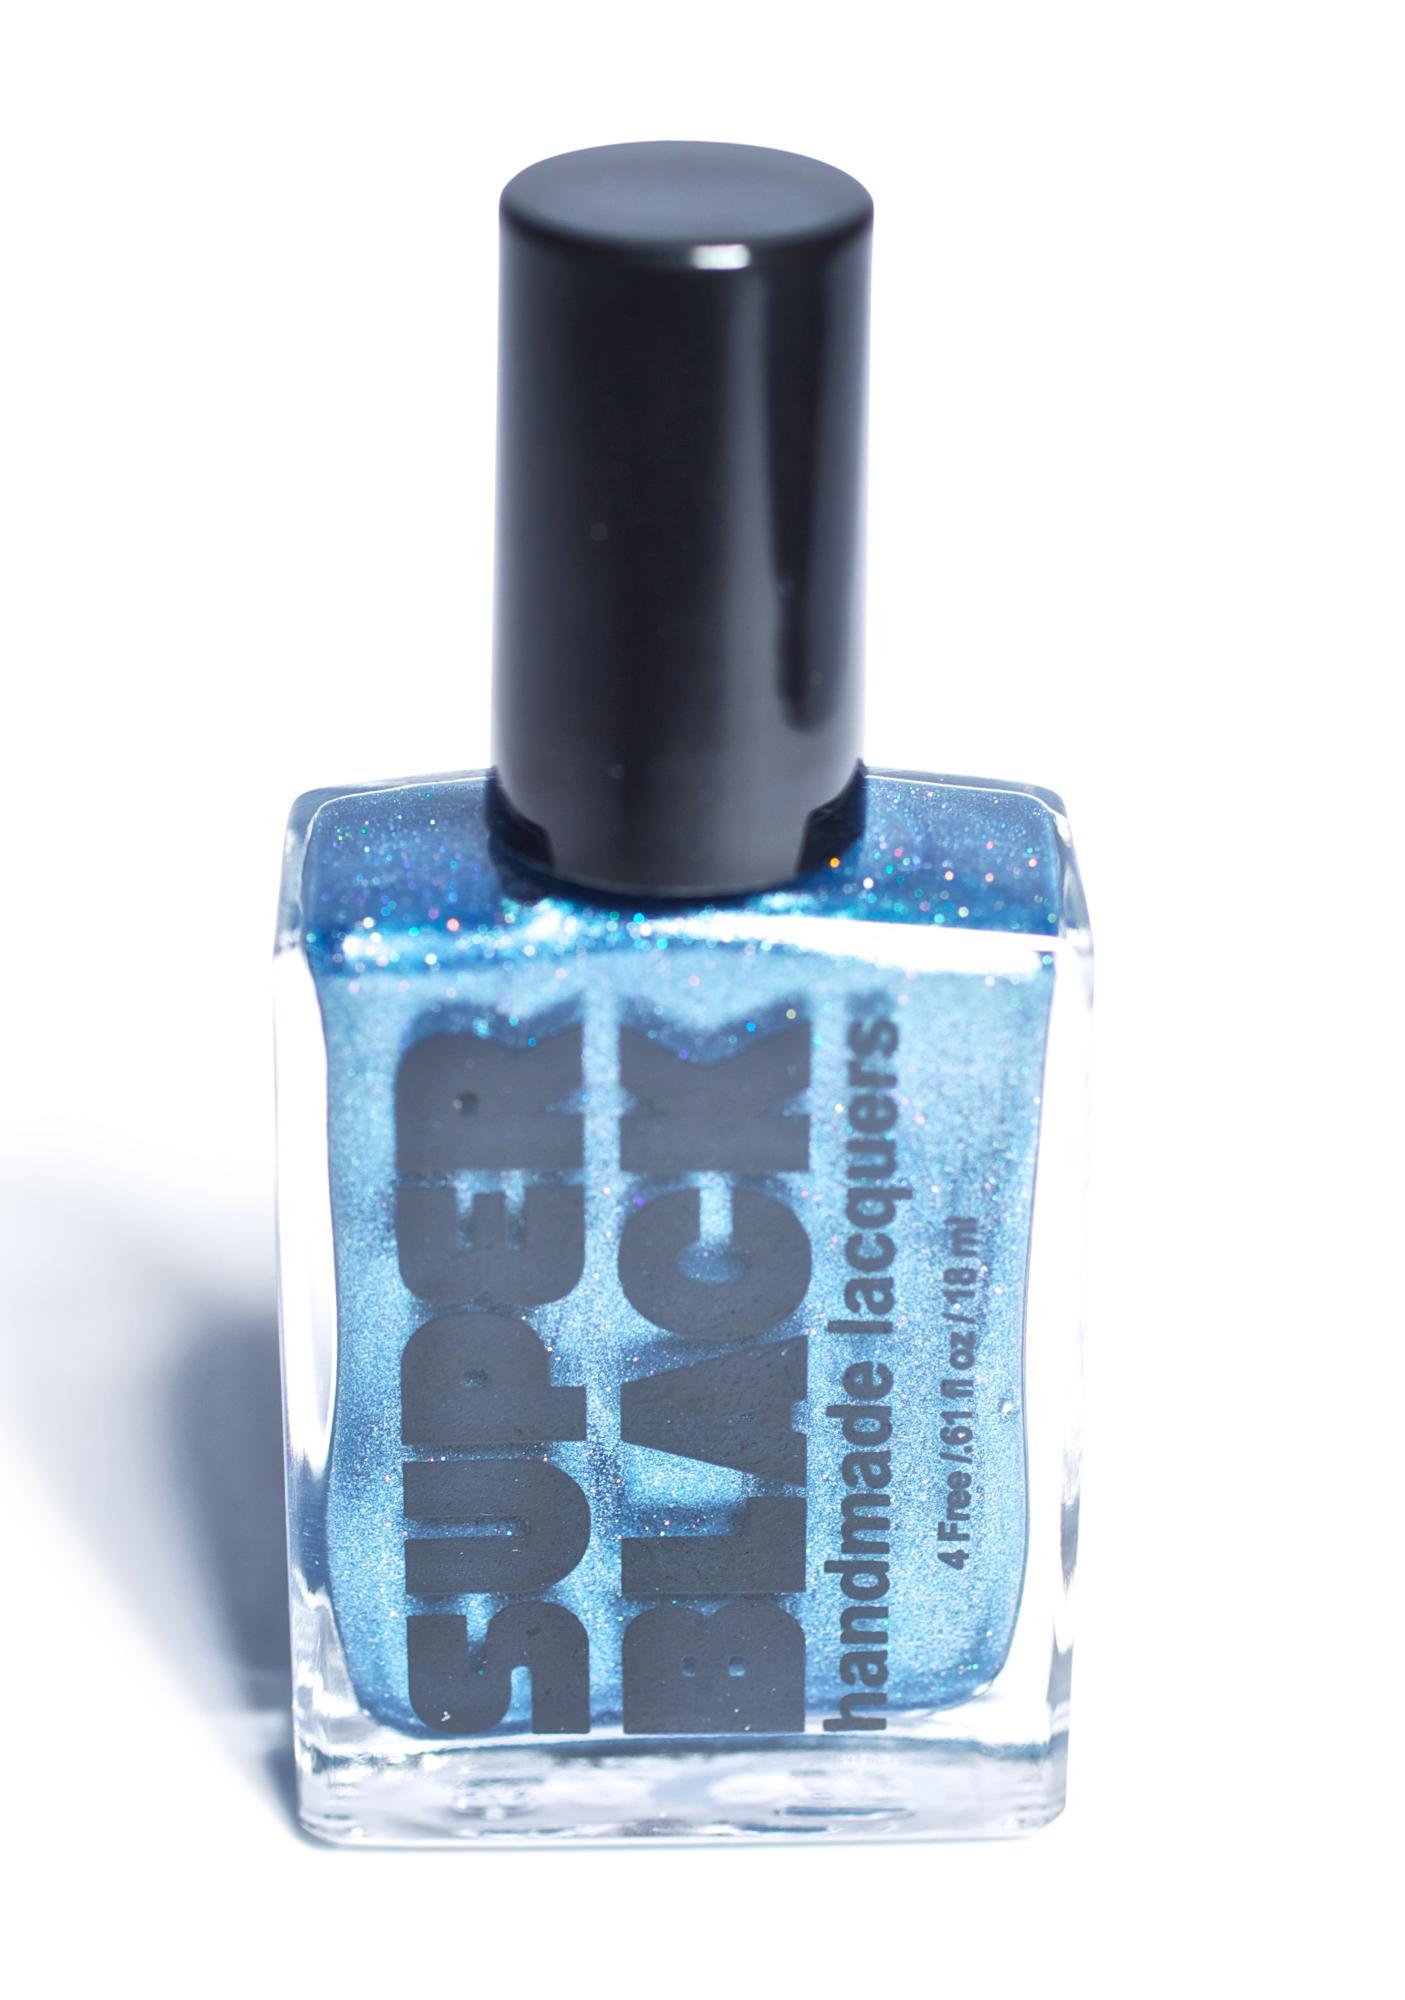 SUPER BLACK Frostbite Nail Polish